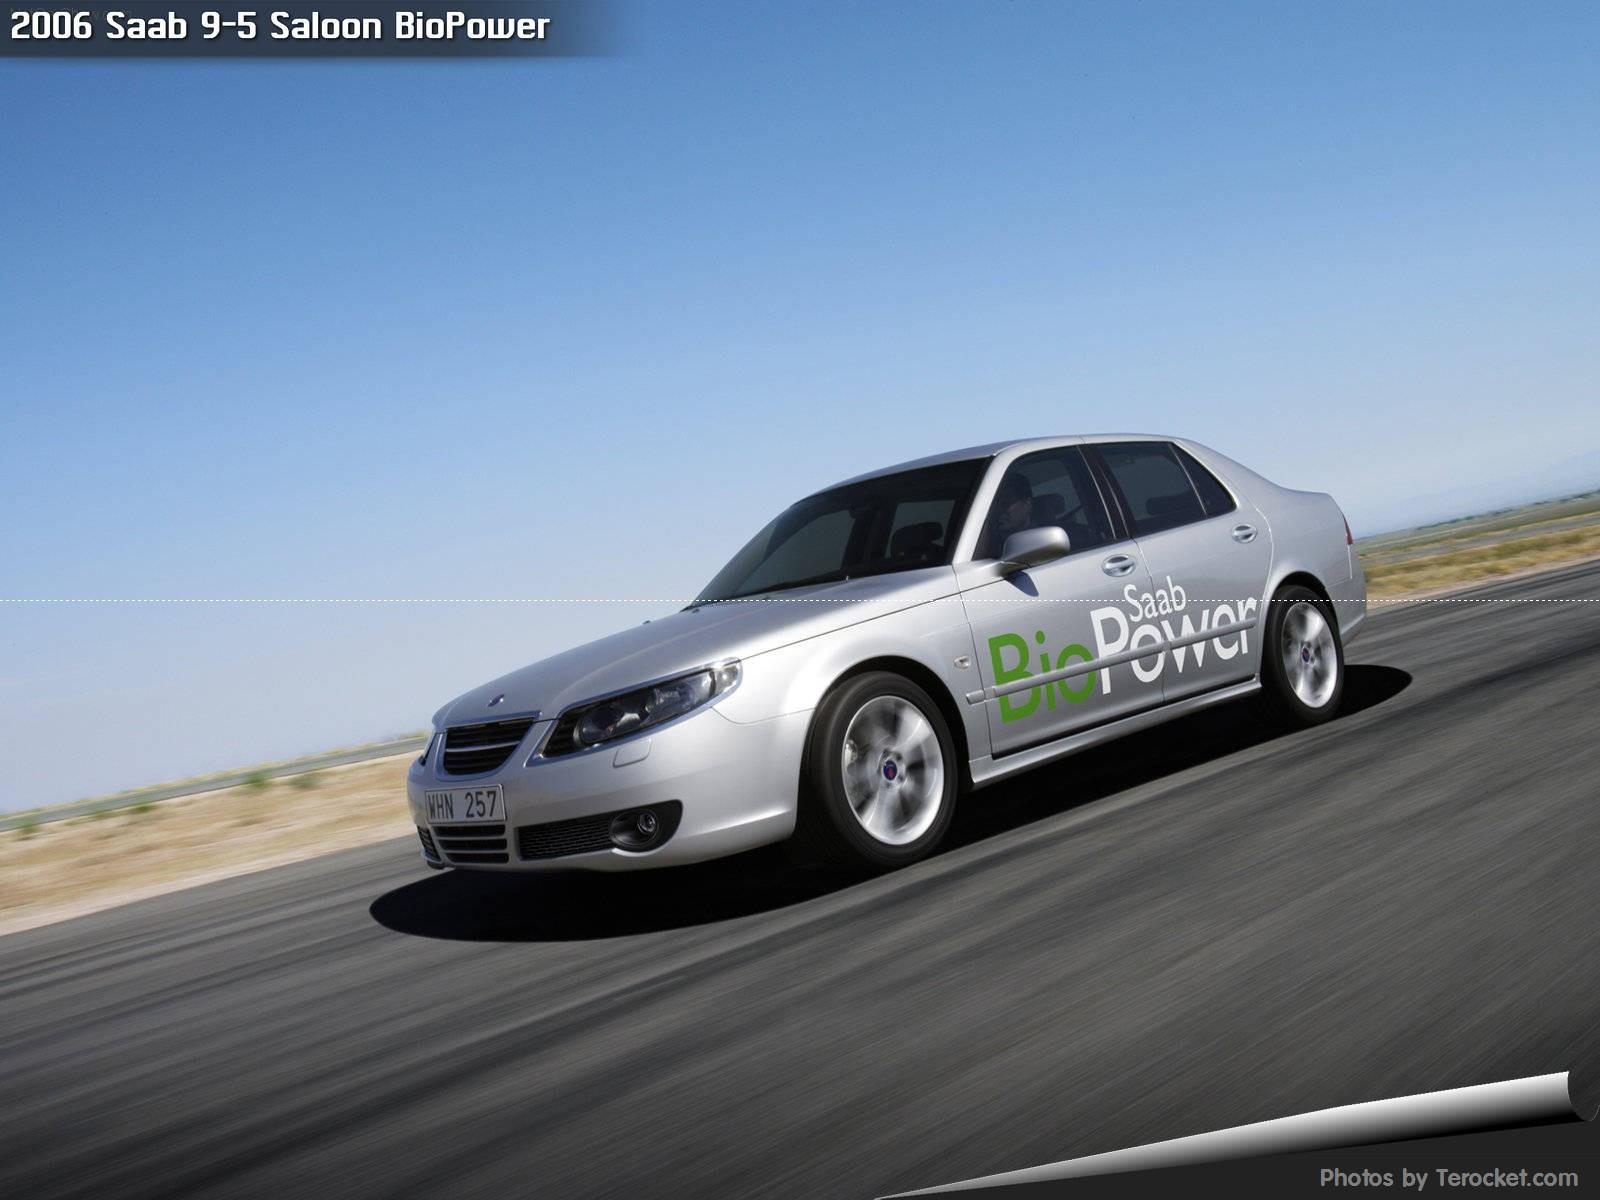 Hình ảnh xe ô tô Saab 9-5 Saloon BioPower 2006 & nội ngoại thất